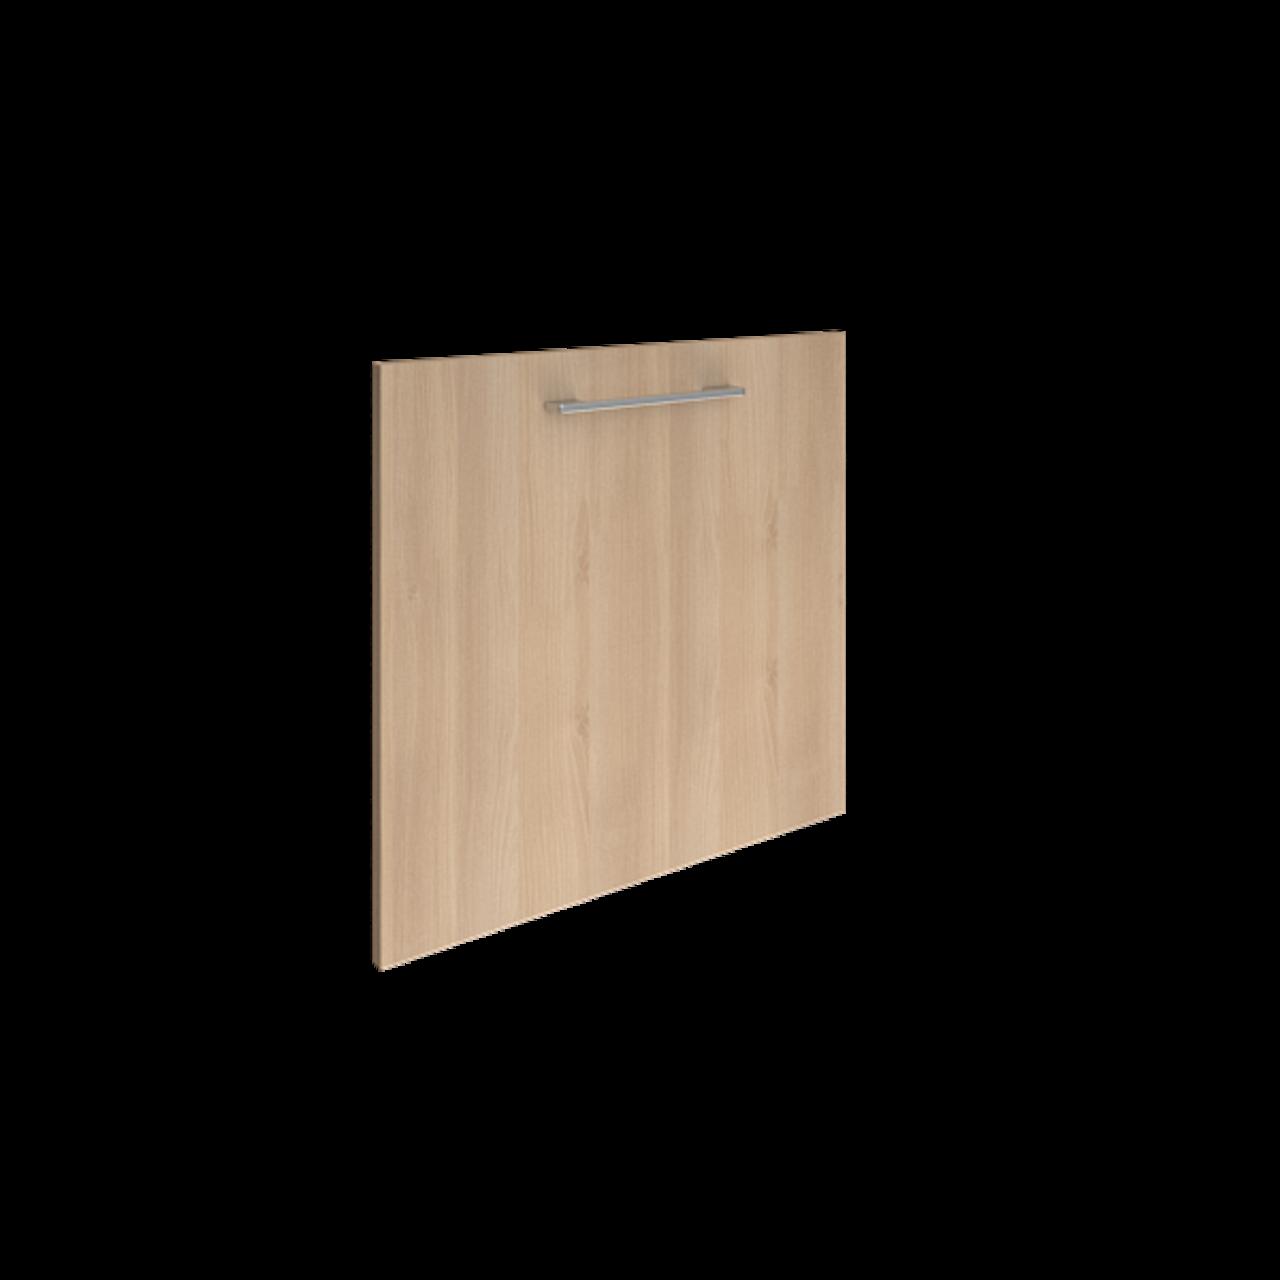 Дверь дсп шкаф четырехсекционный левая - фото 1